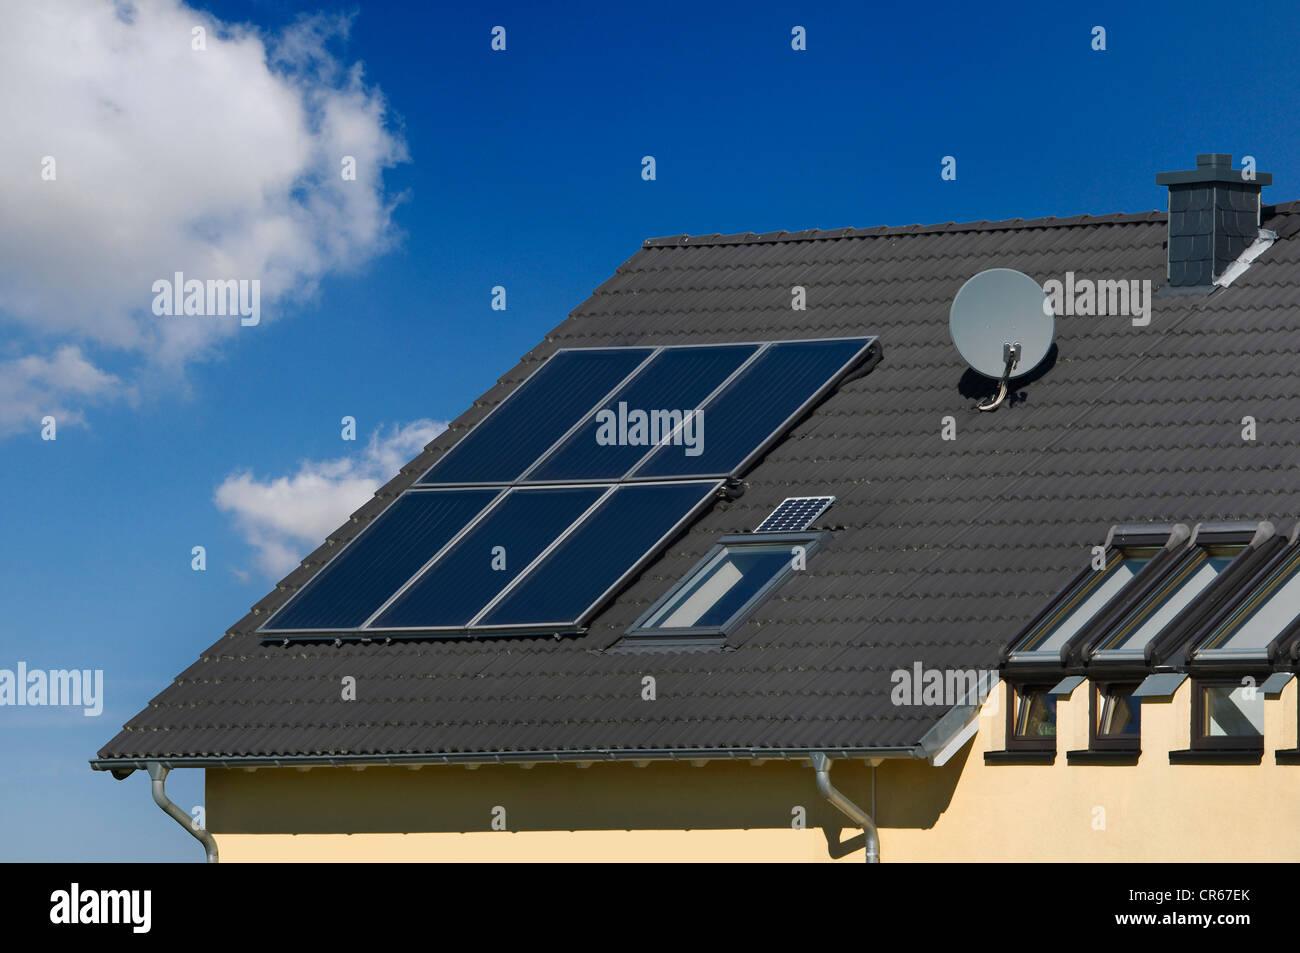 Edificio residencial con paneles solares para calentar agua en el techo, el calor solar, Bonn, Renania del Norte Imagen De Stock